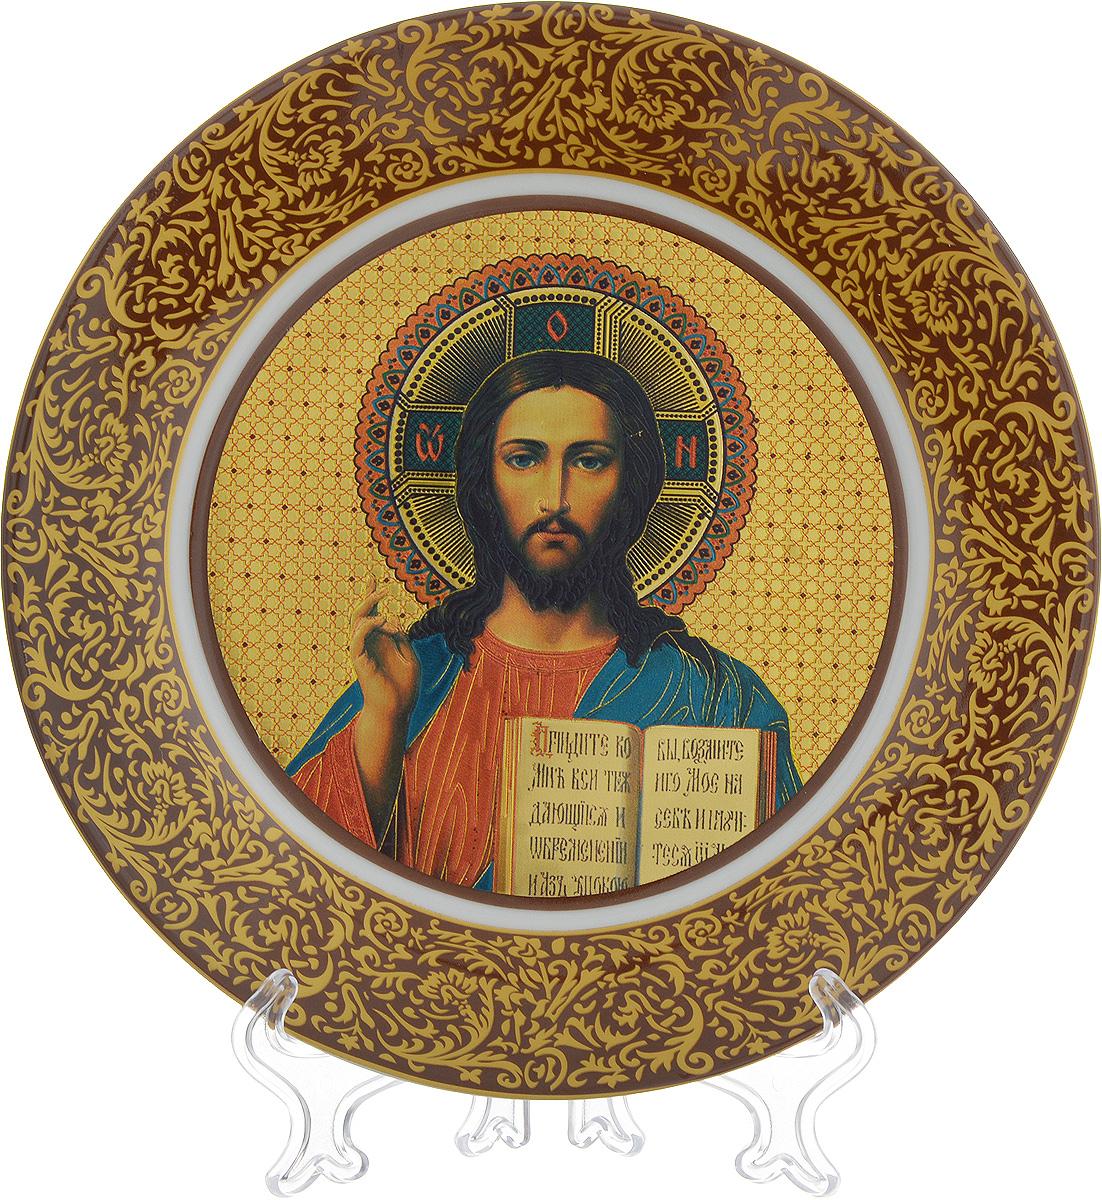 Тарелка декоративная Elan Gallery Иисус Христос, диаметр 20 см340026Декоративная тарелка Elan Gallery Иисус Христос, изготовленная из керамики, станет необыкновенным подарком для верующих людей и оригинальным украшением на Пасху. Тарелка оснащена петелькой для подвешивания, а также ее можно разместить на пластиковой подставке, которая входит в комплект. Диаметр тарелки: 20 см. Высота: 2 см.